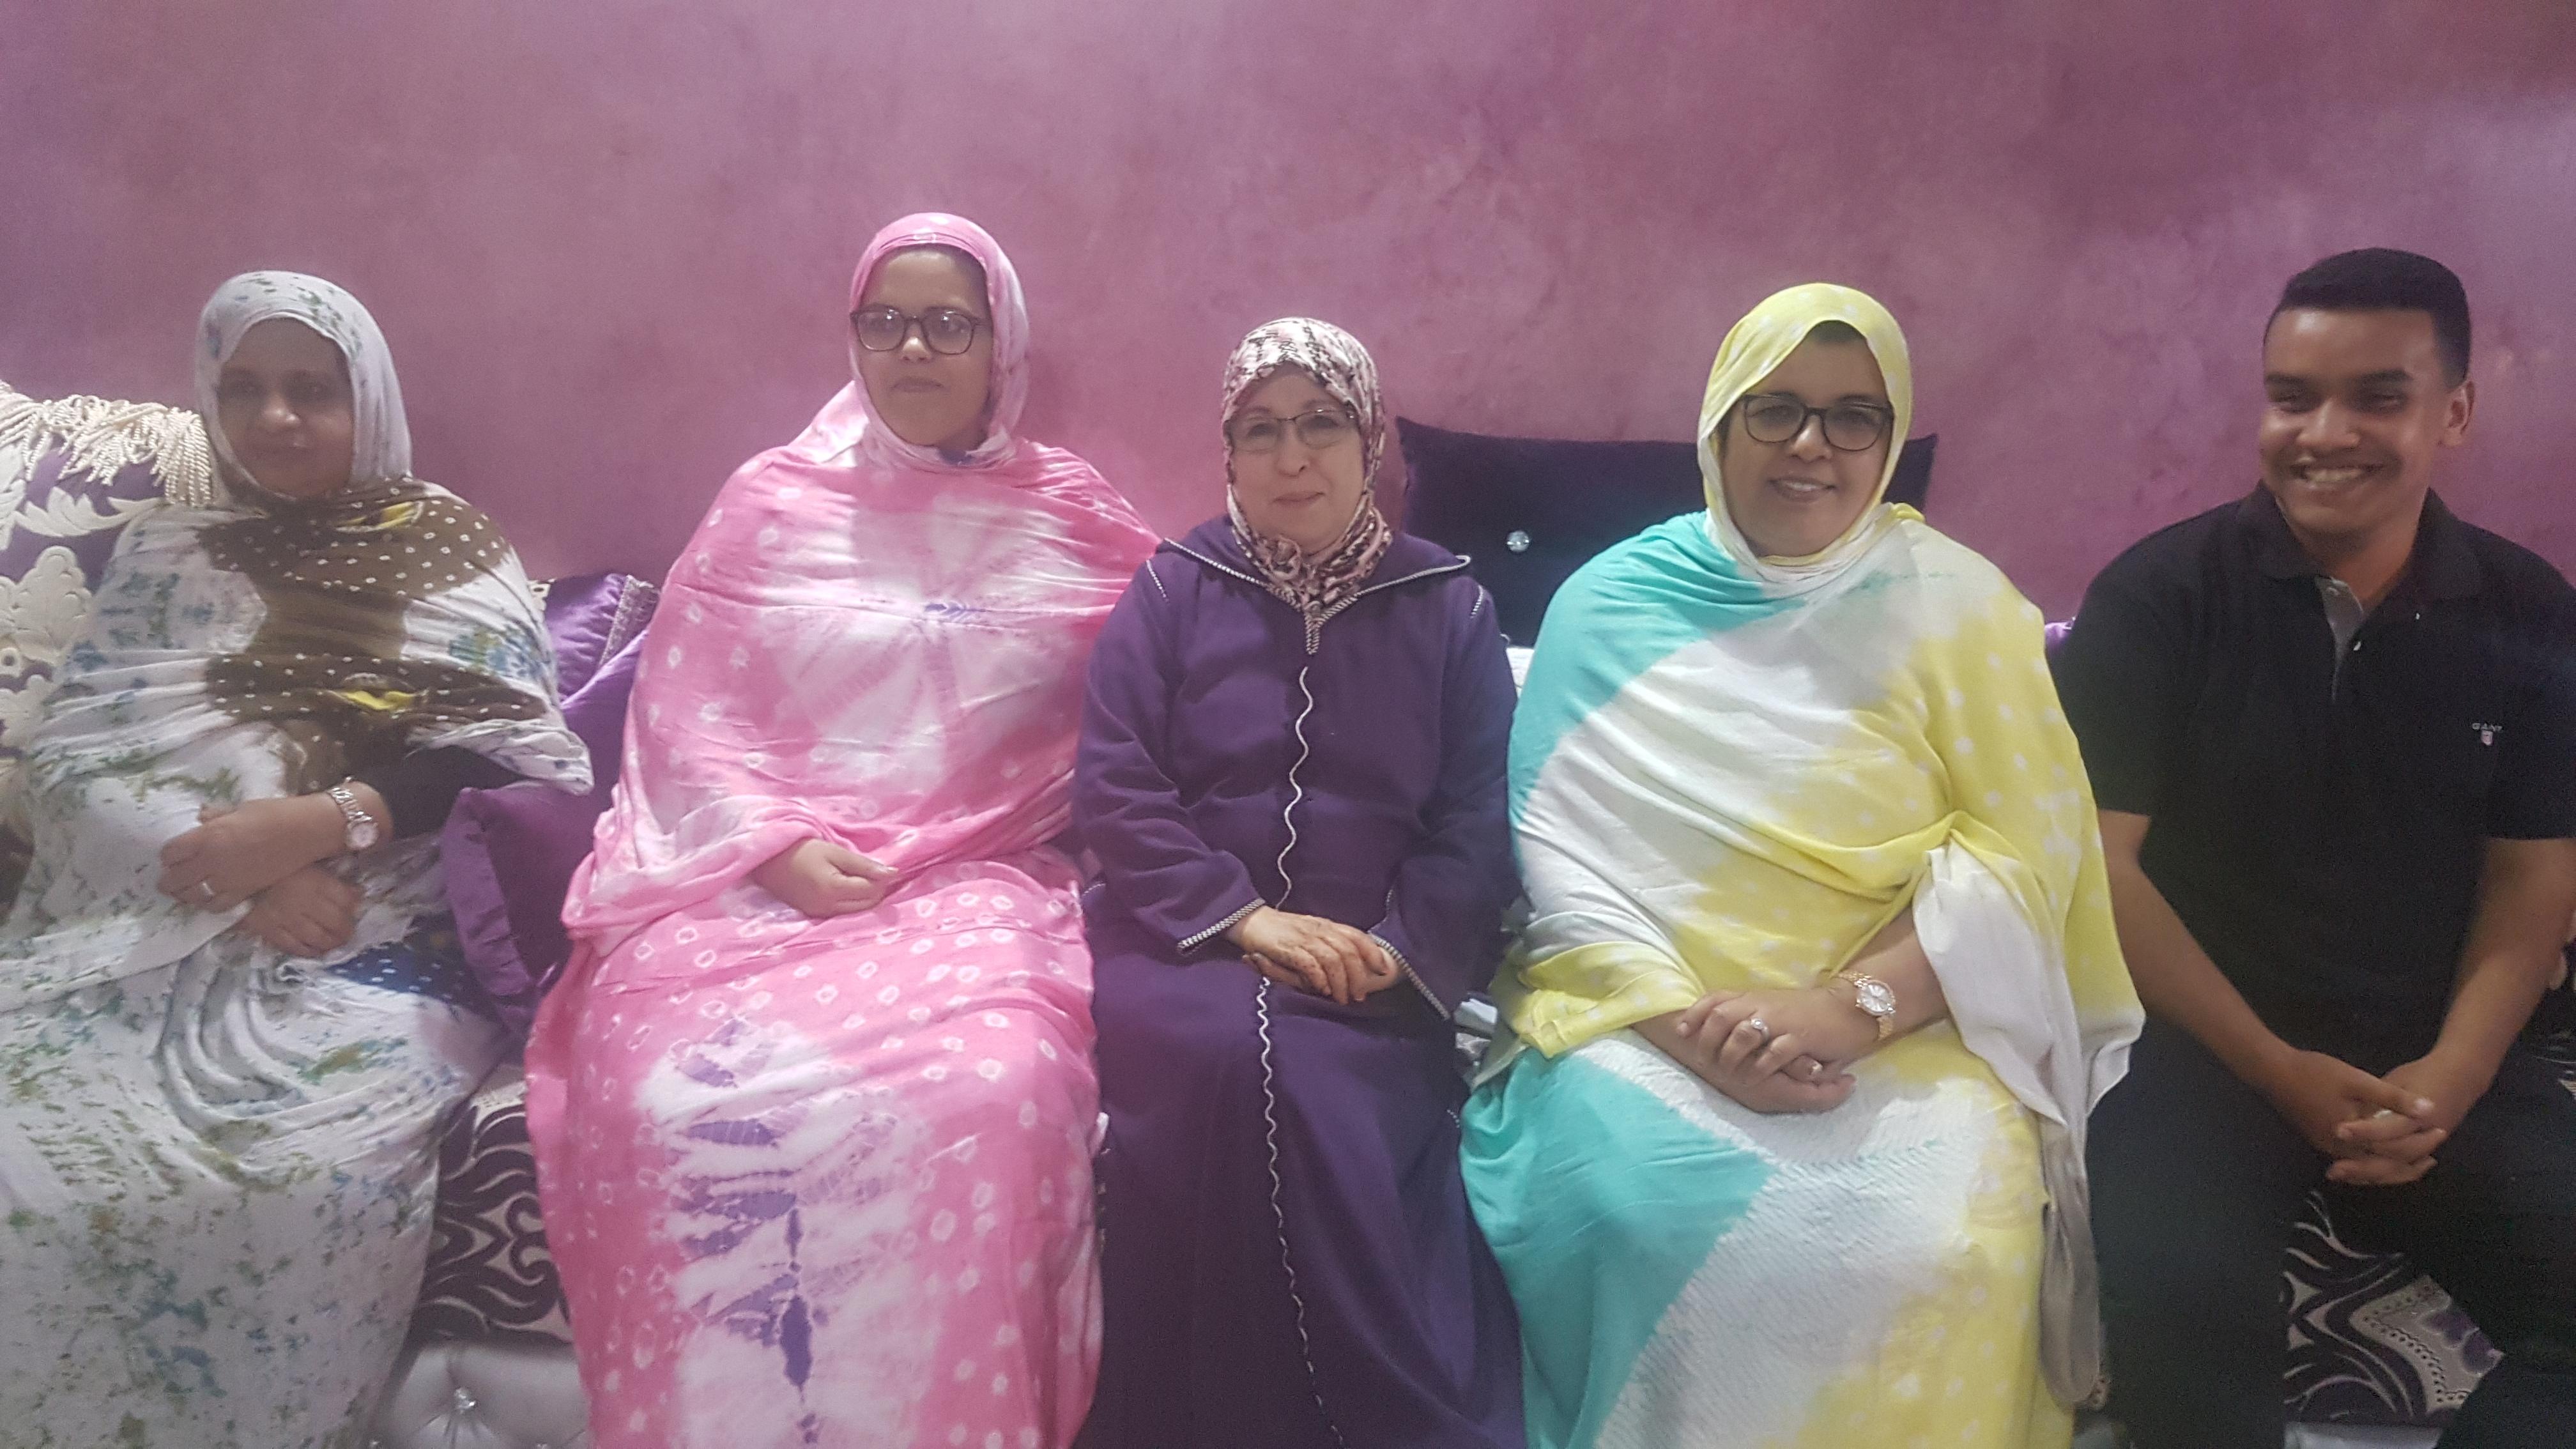 عميدة الفاعلات الجمعويات السيدة مريم العيساوي على رأس الهيئة المغربية للشباب الملكي الصحراوي فرع العيون